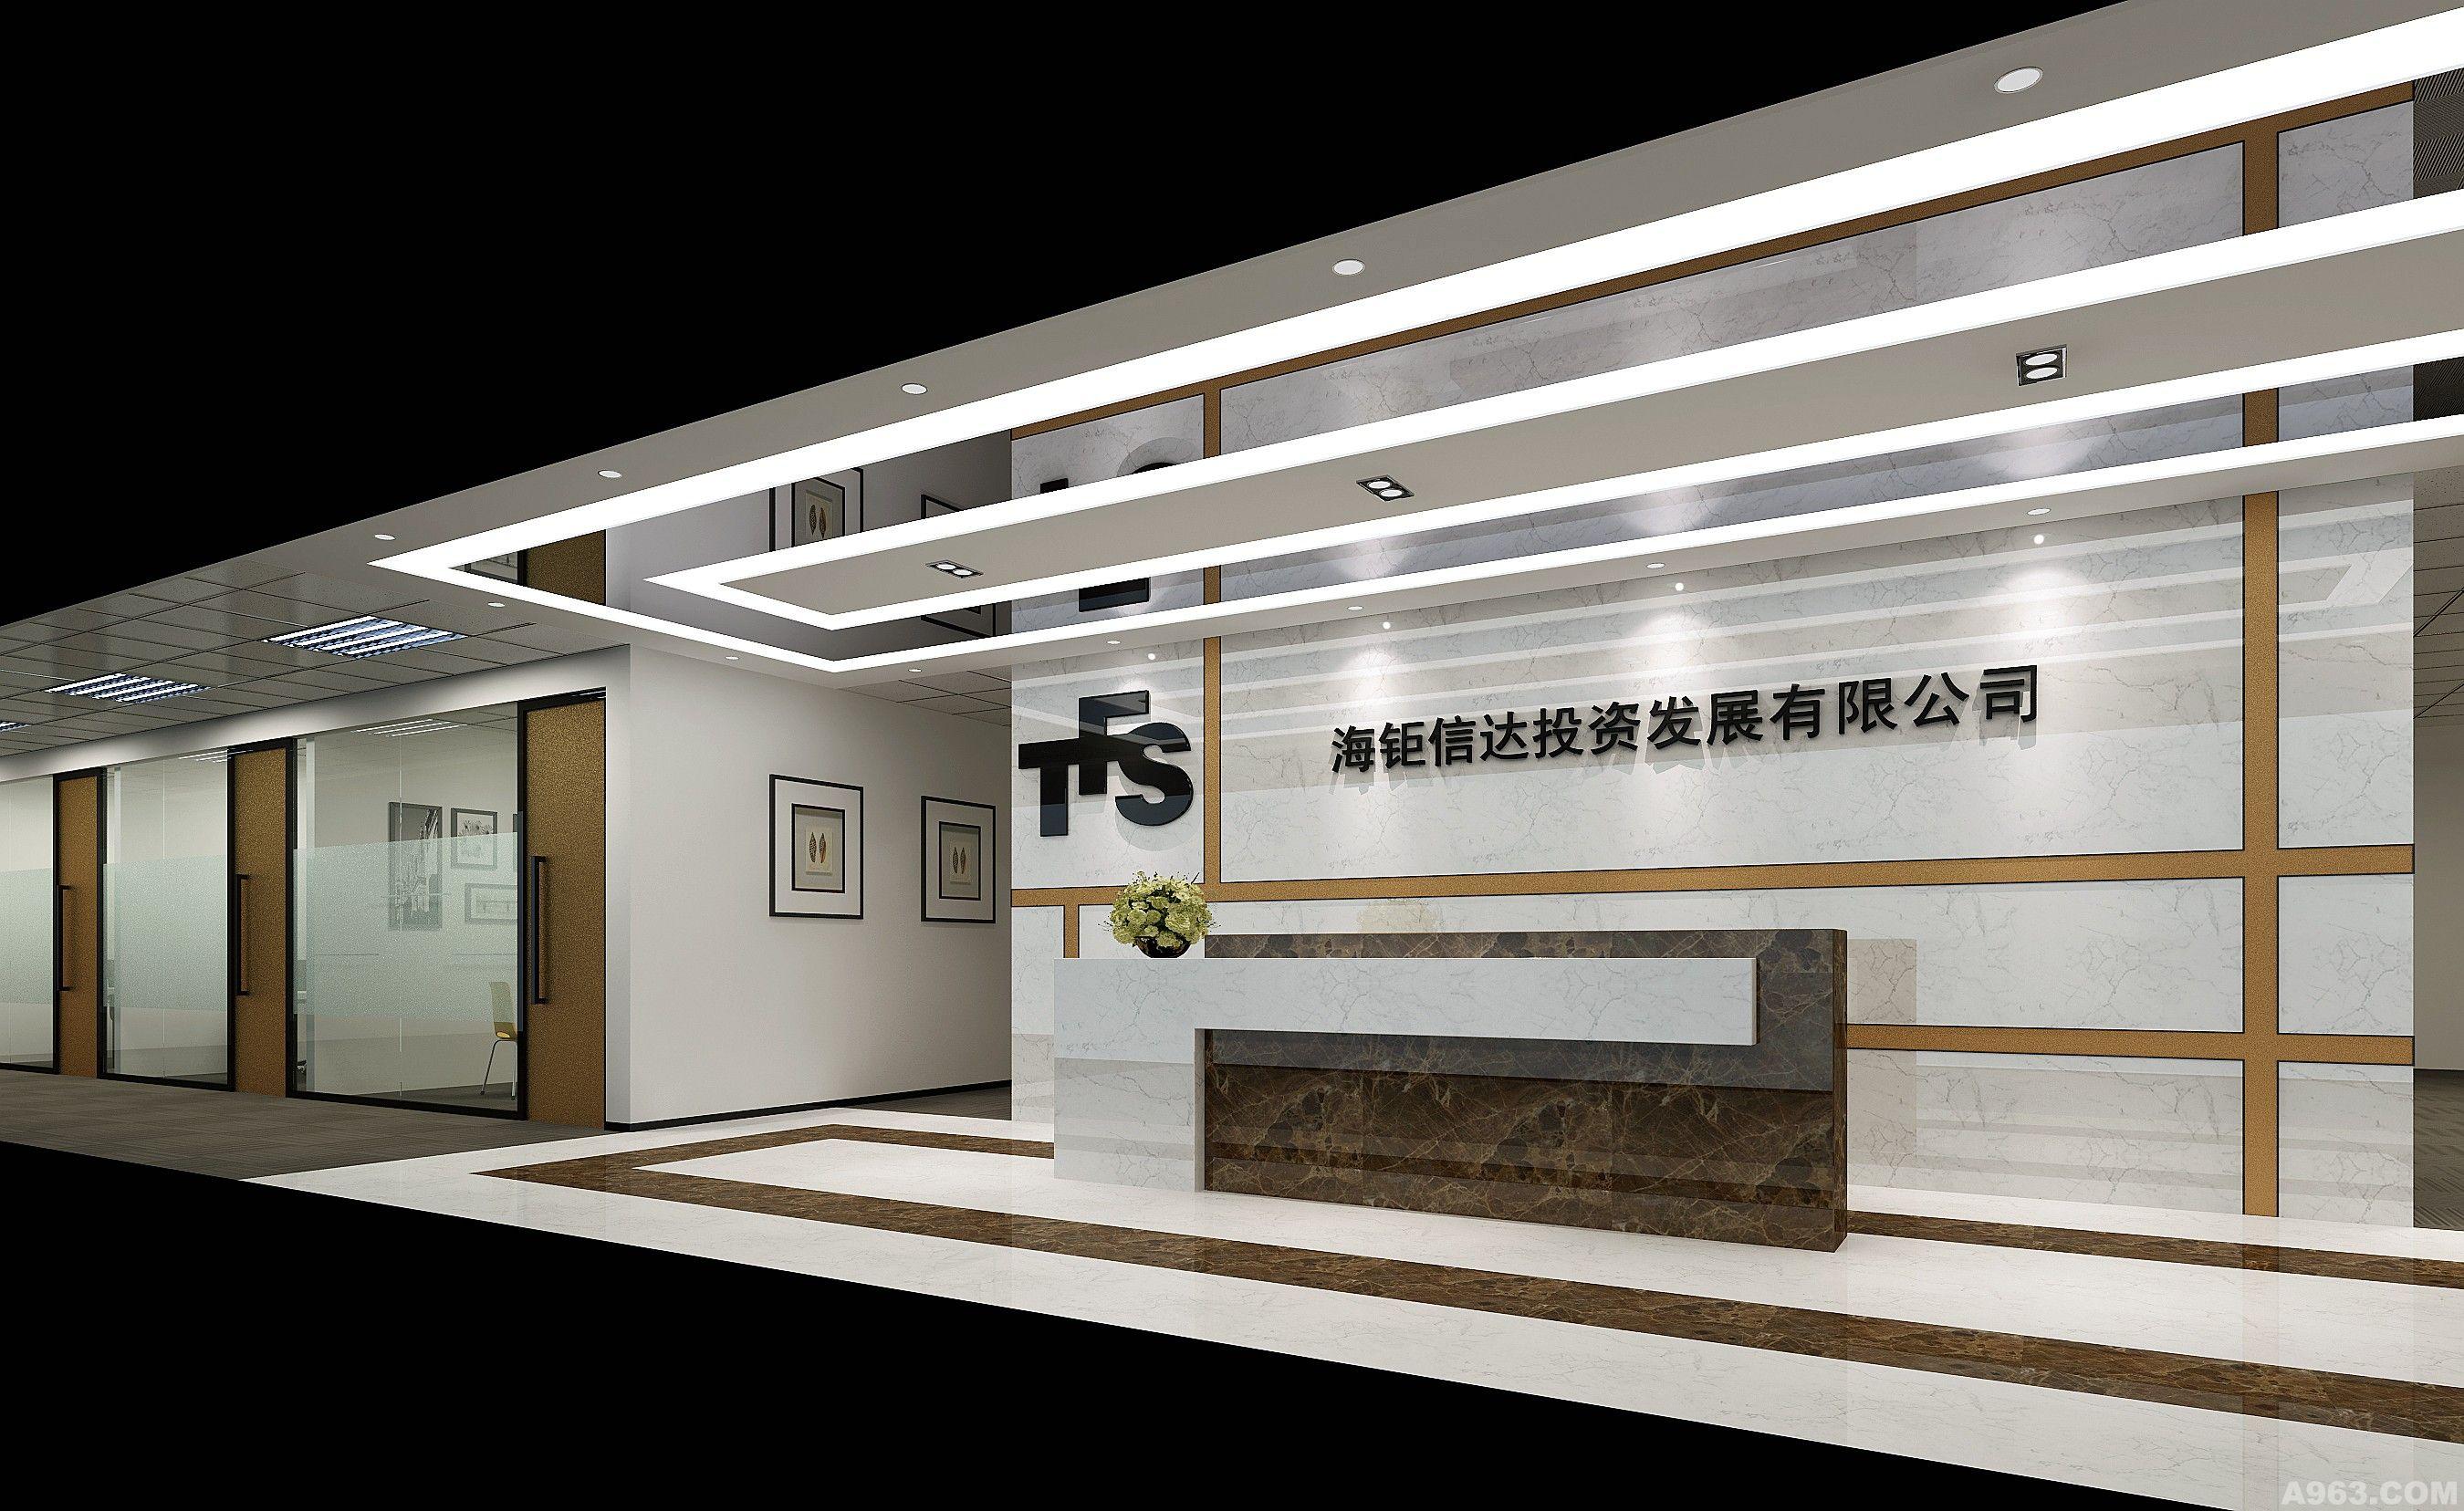 前厅:天花上的不锈钢造成了波特曼效应,暗金色的线条和理性时尚的大理石效果相互映衬。优雅的接待台配色统一于地面拼花。从容面对每天的挑战。